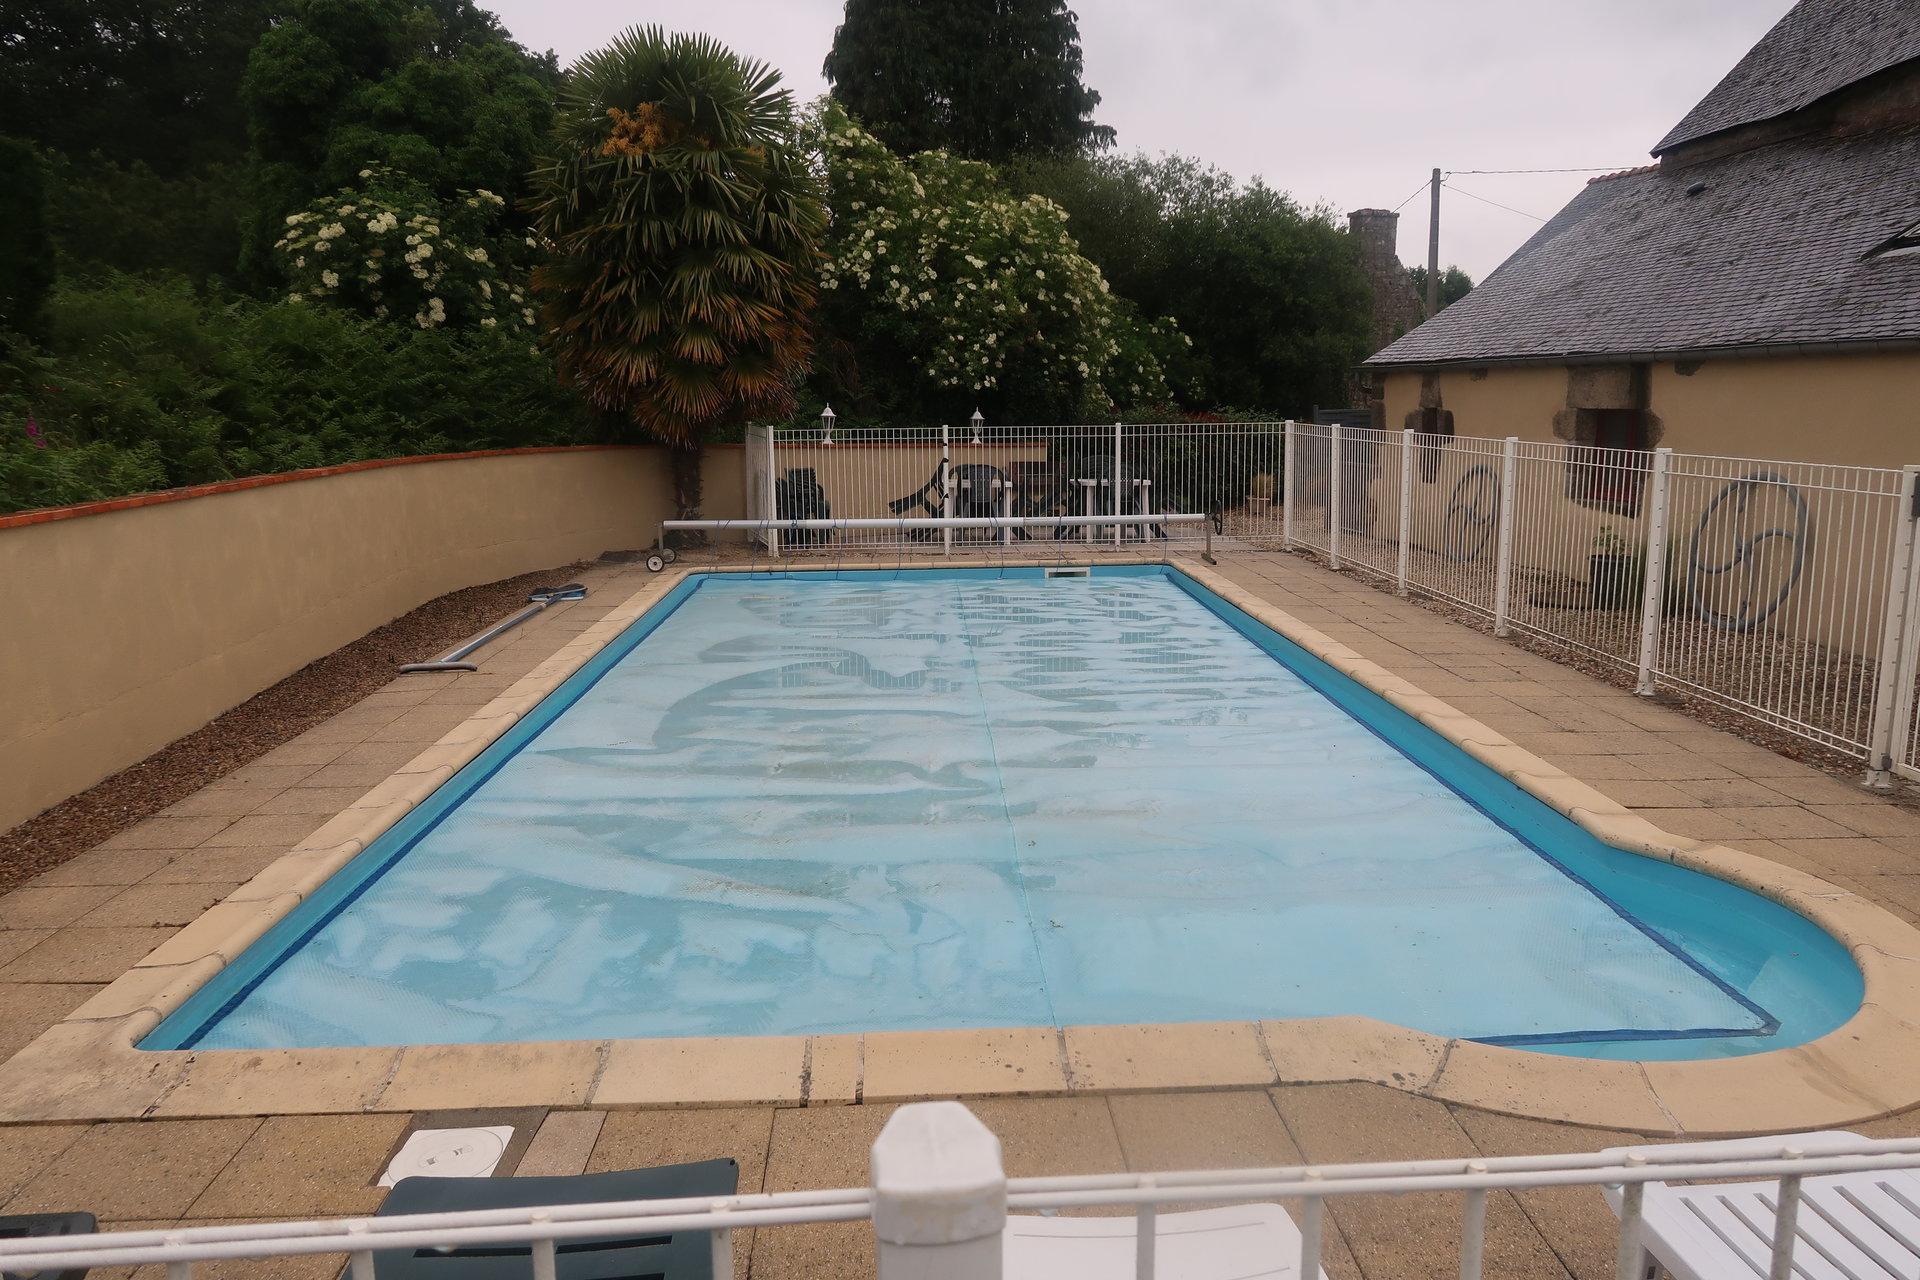 MELRAND maison de campagnes 10 pièces avec piscine chauffée et dépendances.